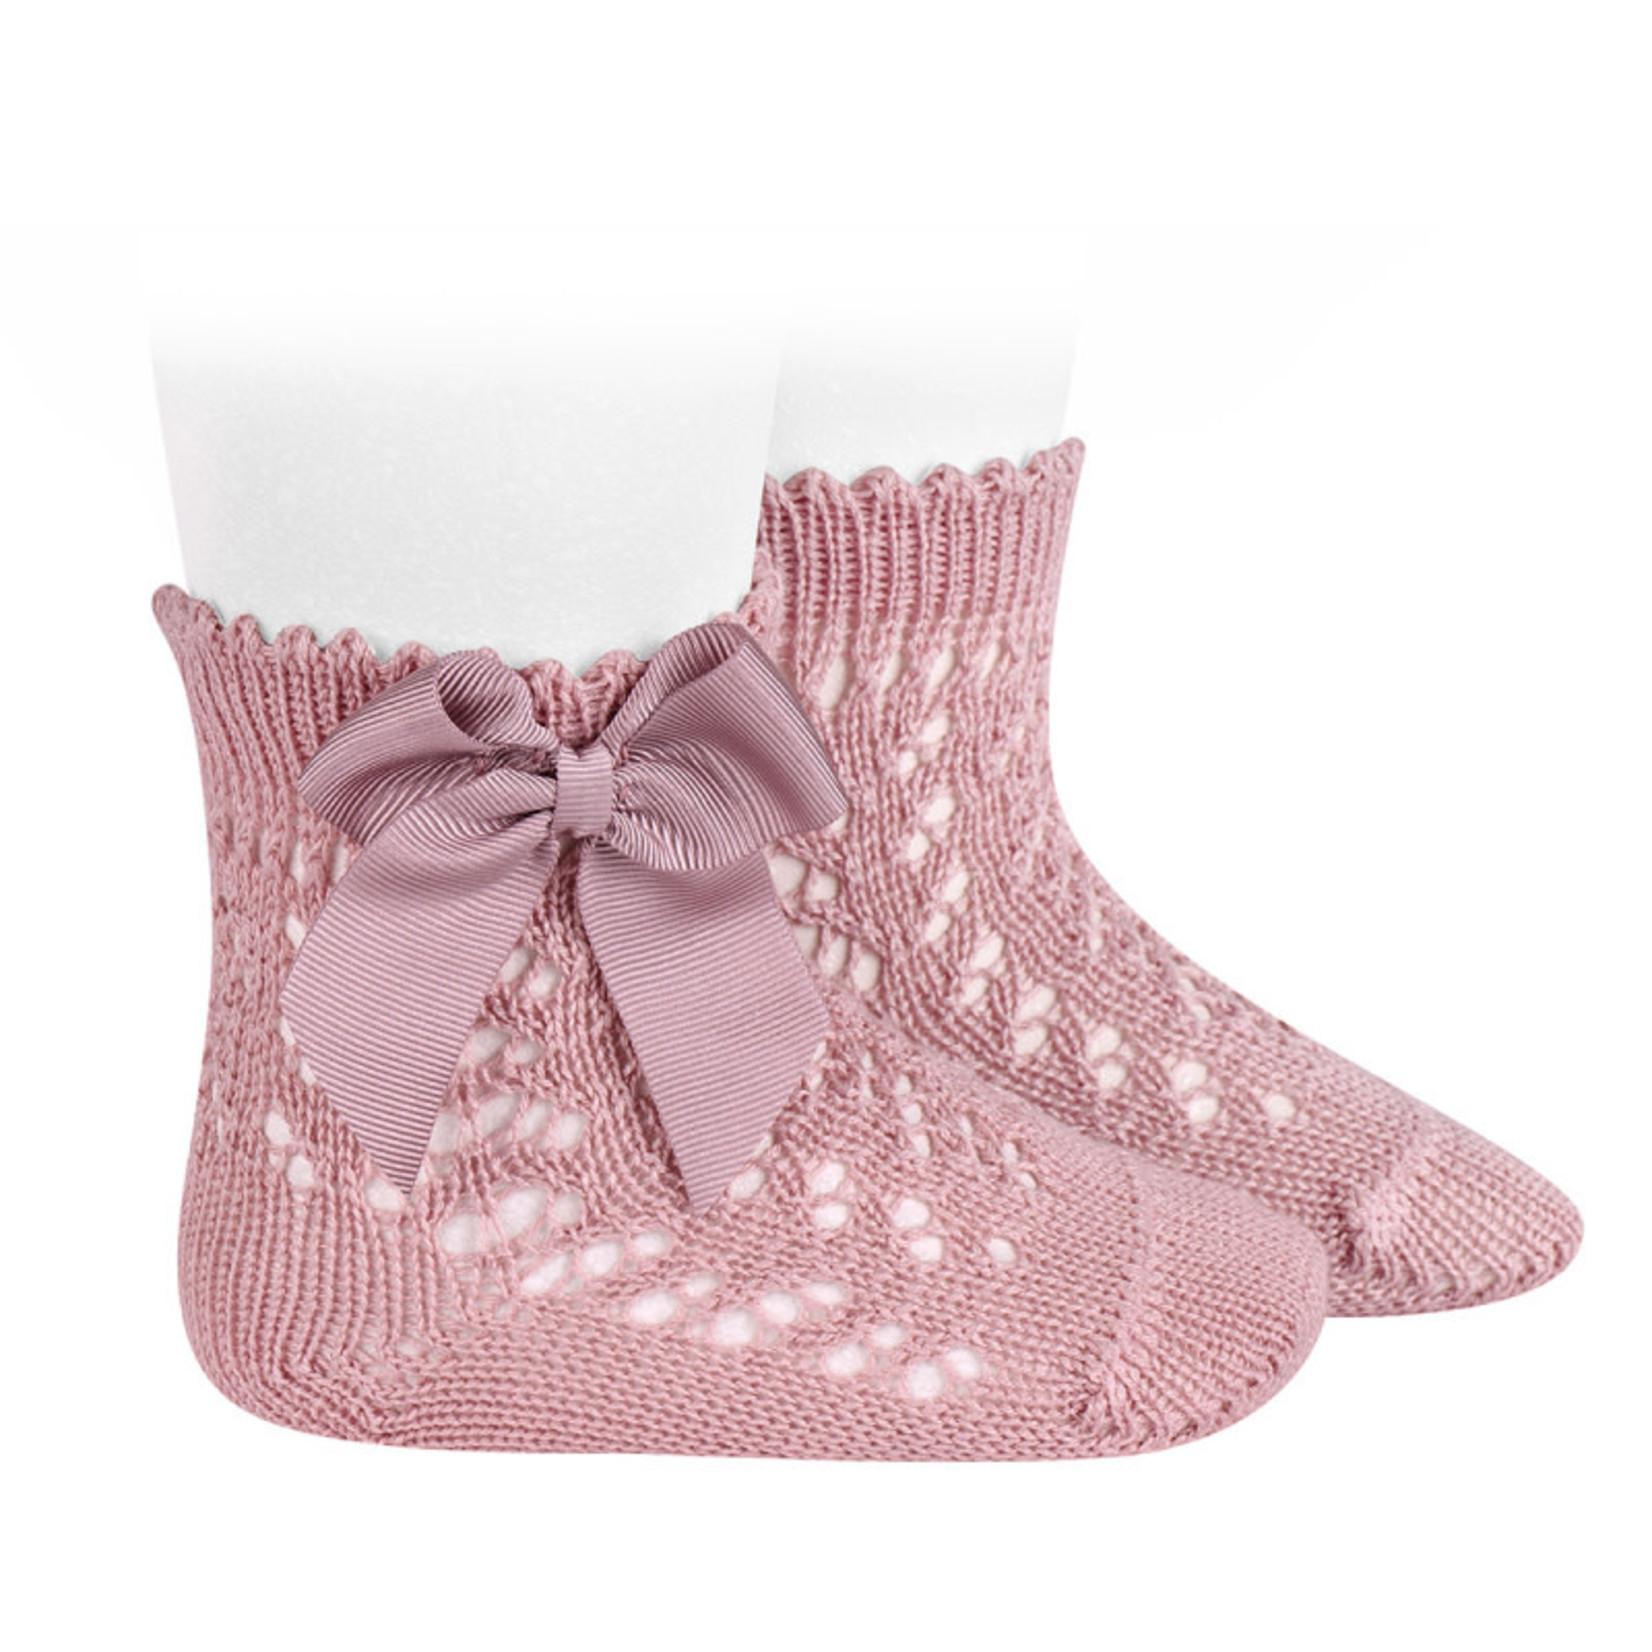 Socks Open w/Bow - Pale Pink